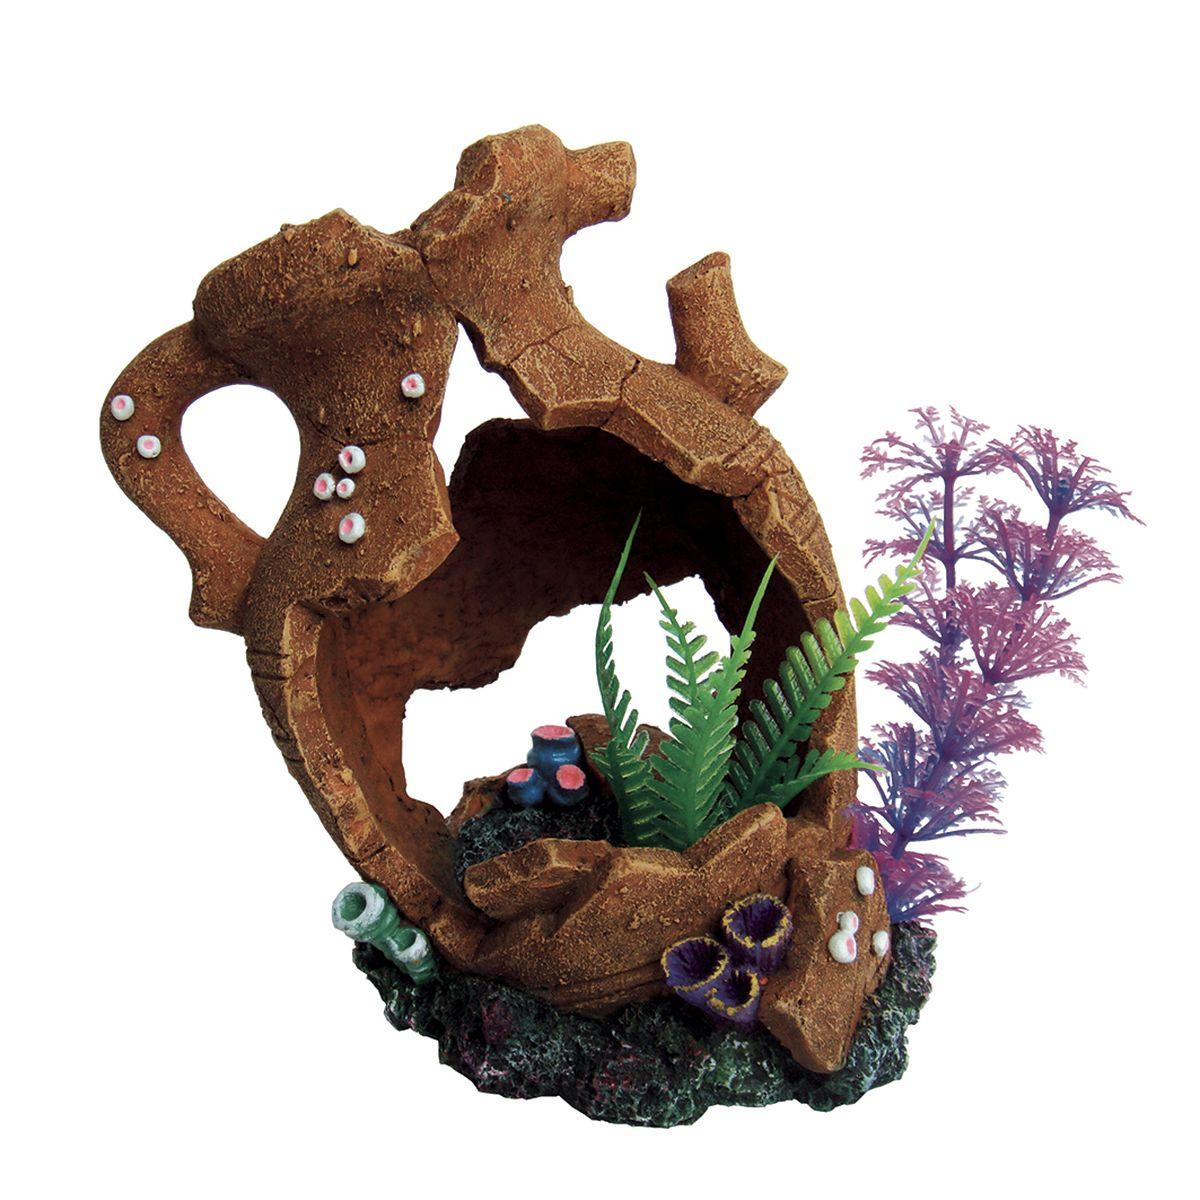 Декорация для аквариума ArtUniq Разбитый кувшин с растениями, 18,5 x 10,5 x 15,5 смART-2280380Декорация для аквариума ArtUniq Разбитый кувшин с растениями, 18,5 x 10,5 x 15,5 см